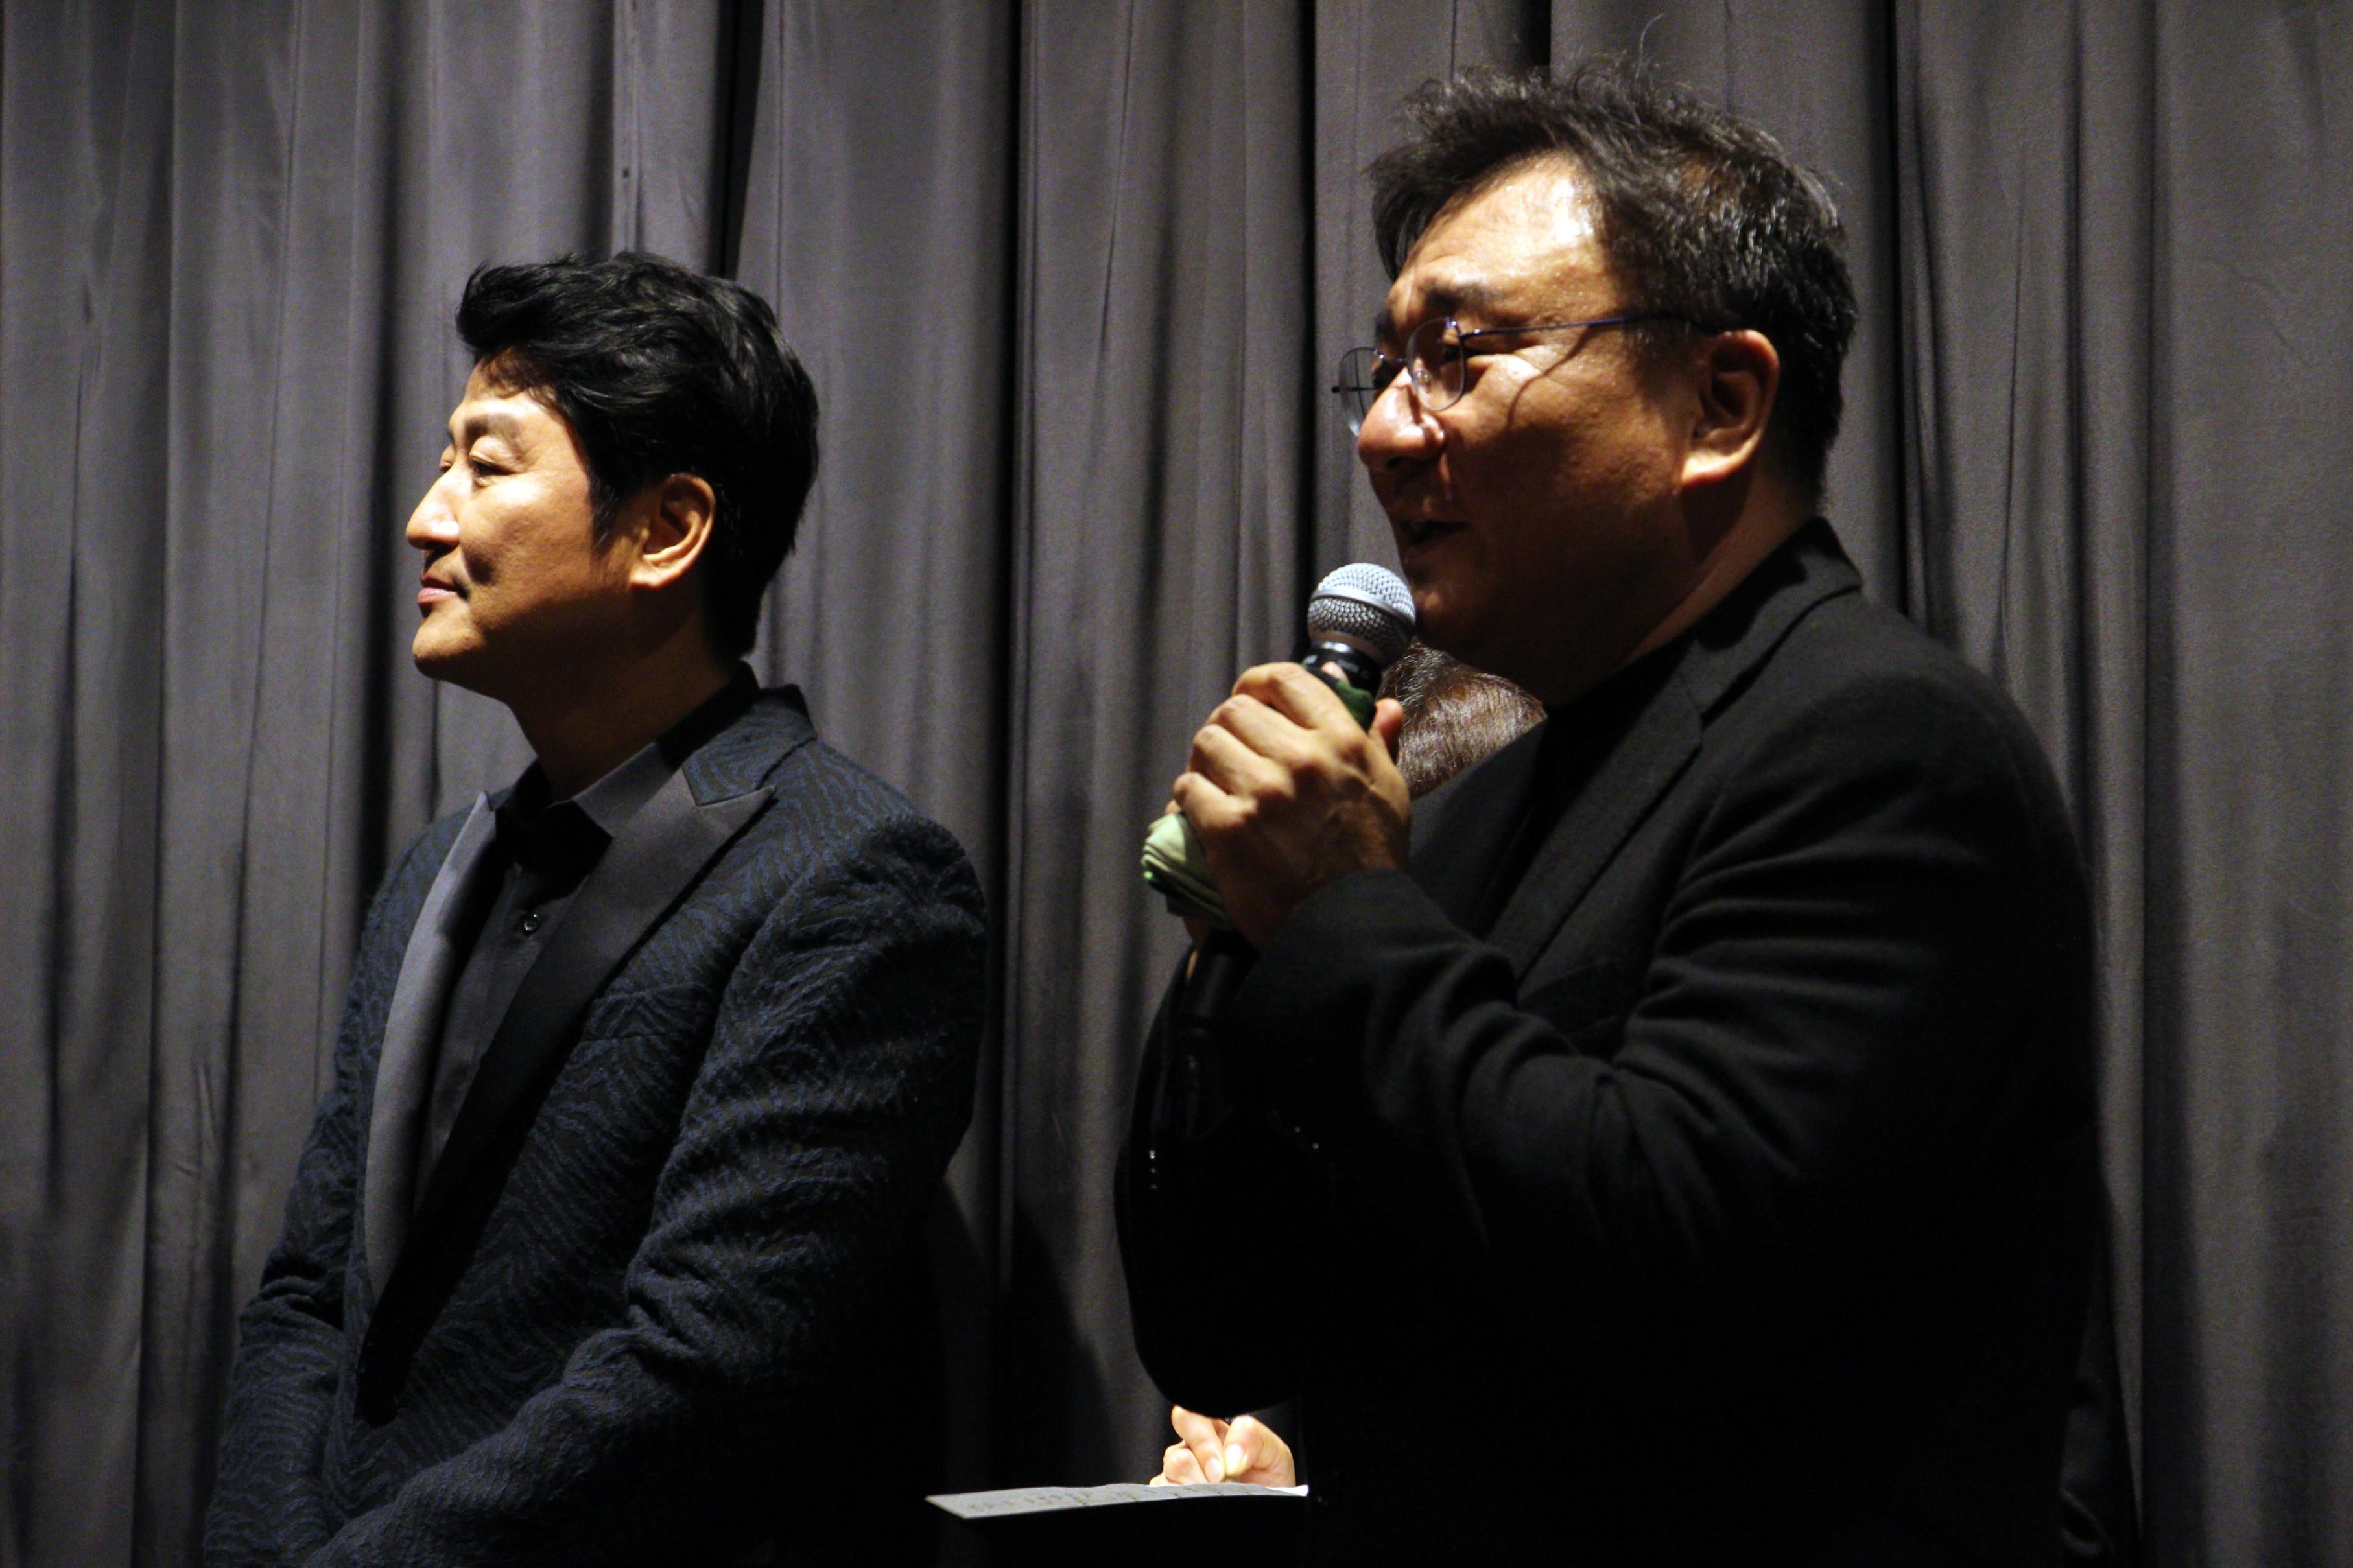 ソン・ガンホ&キム・ジウン監督との次回作『密偵(原題)』についての発言も